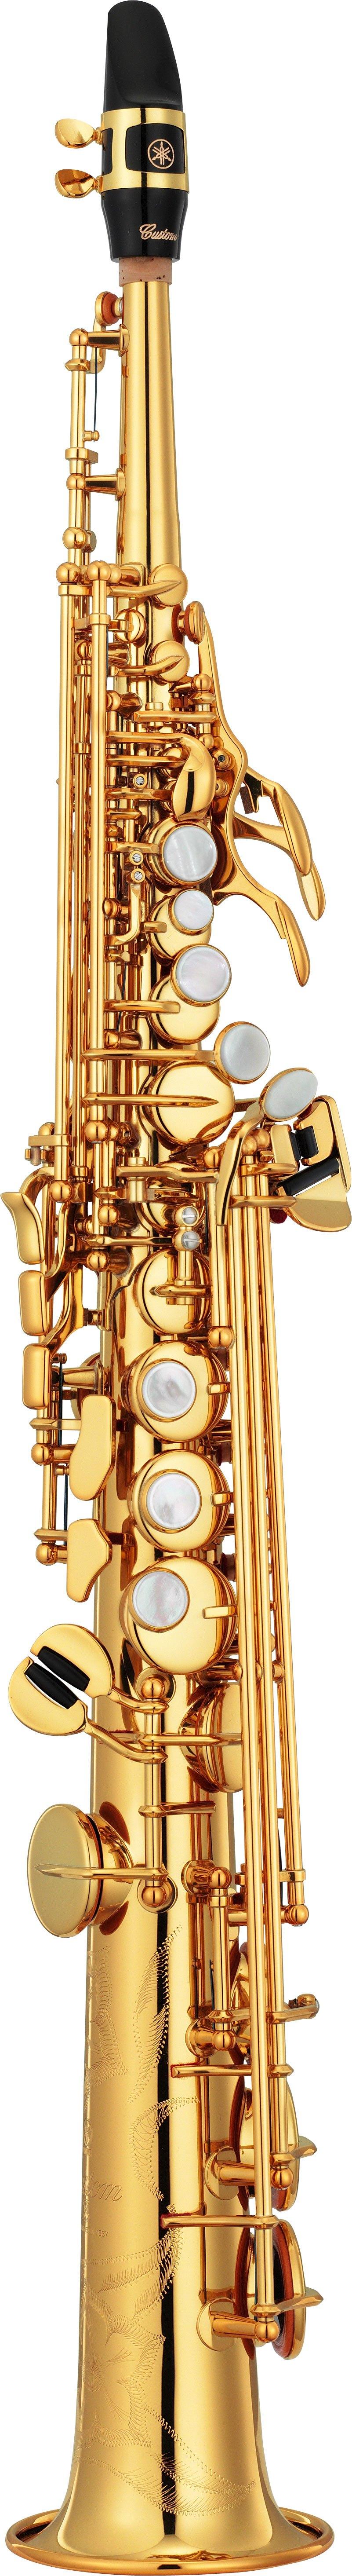 Yamaha - YSS - 82 - Z - gerade - Holzblasinstrumente - Saxophone | MUSIK BERTRAM Deutschland Freiburg